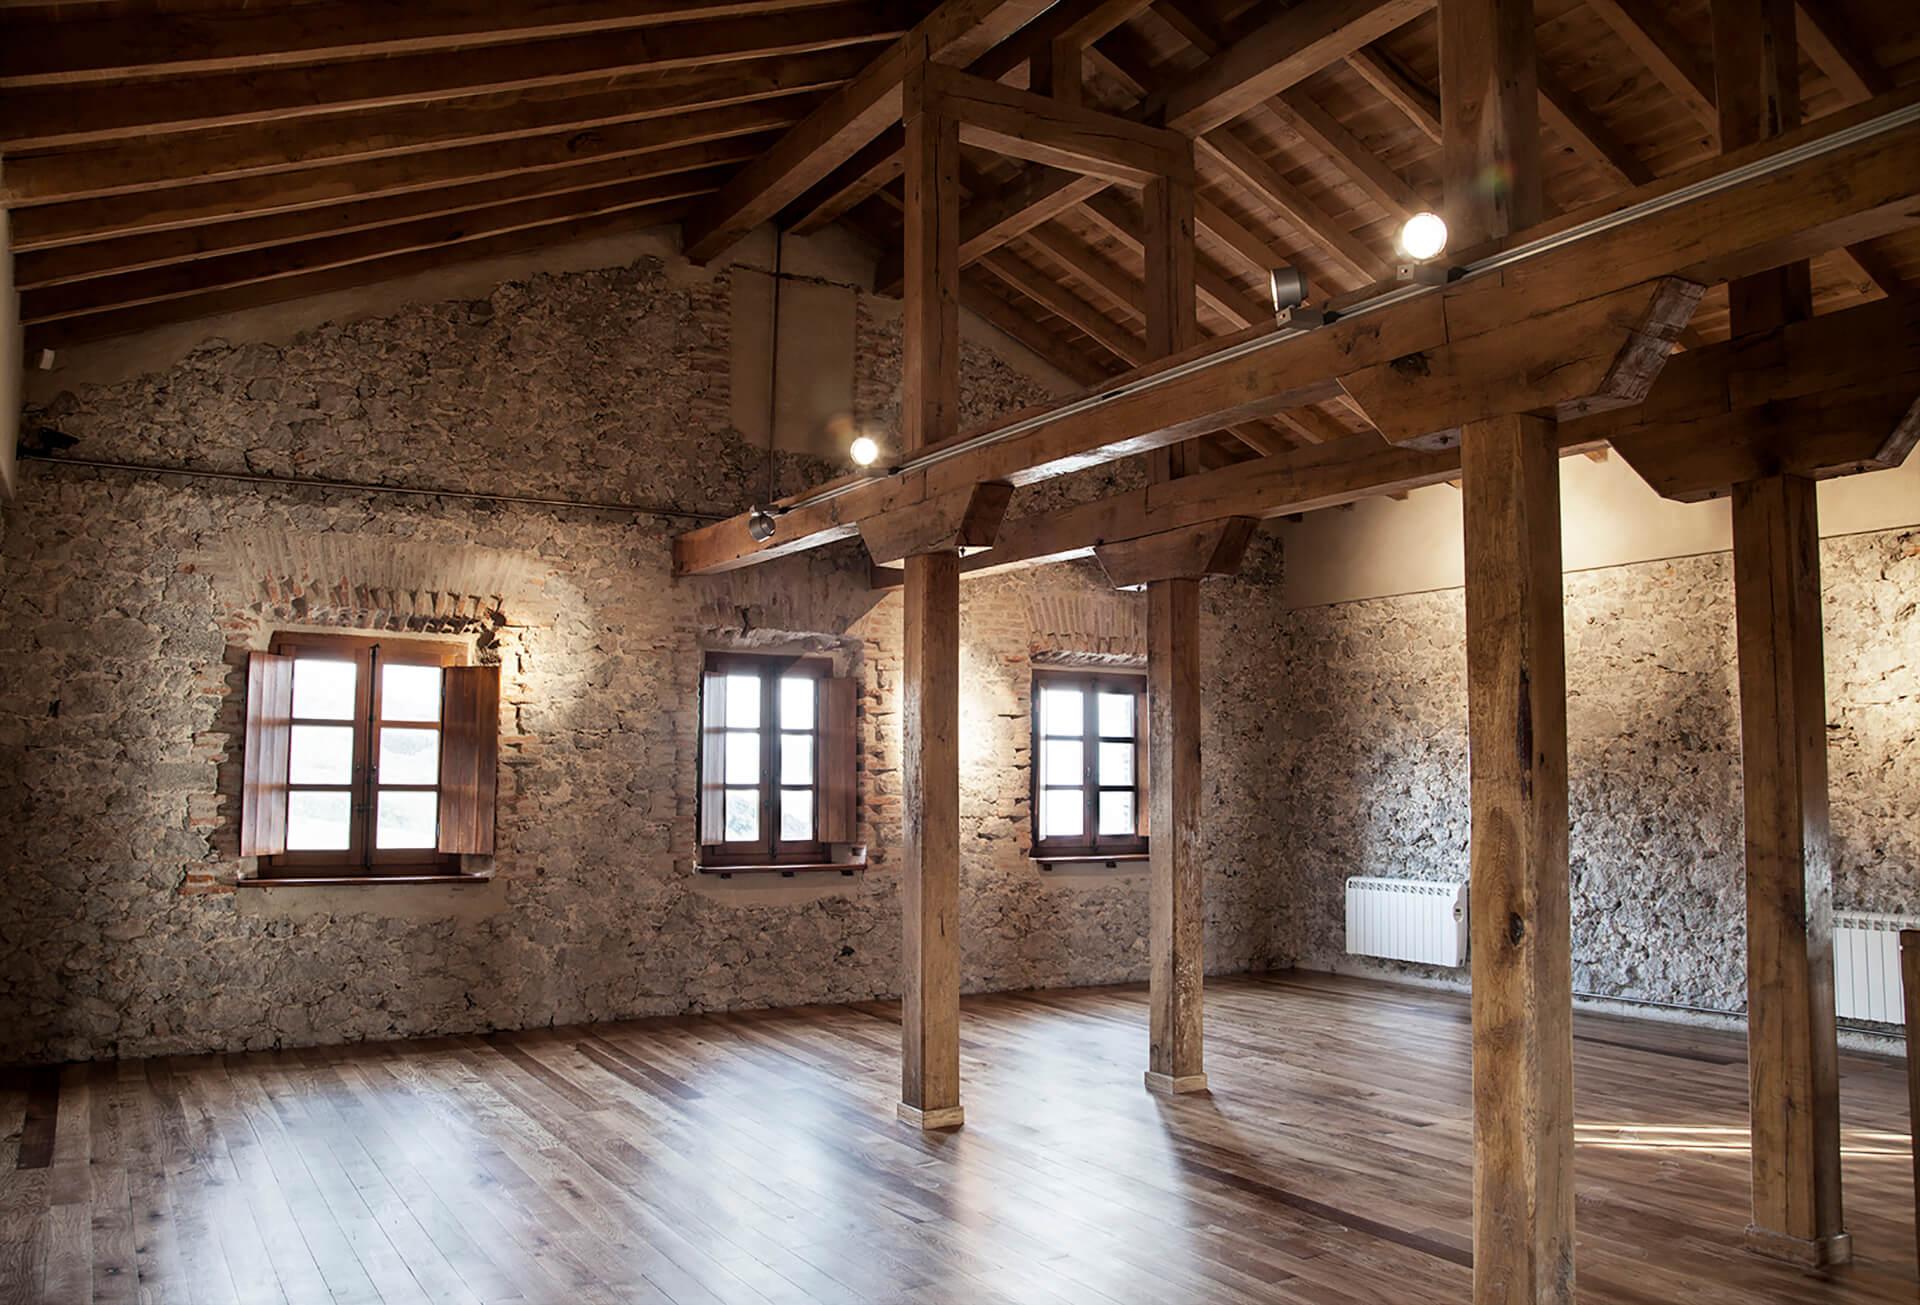 Santoña - Imagen 5 - Restauración Slider - rubiomorte.com